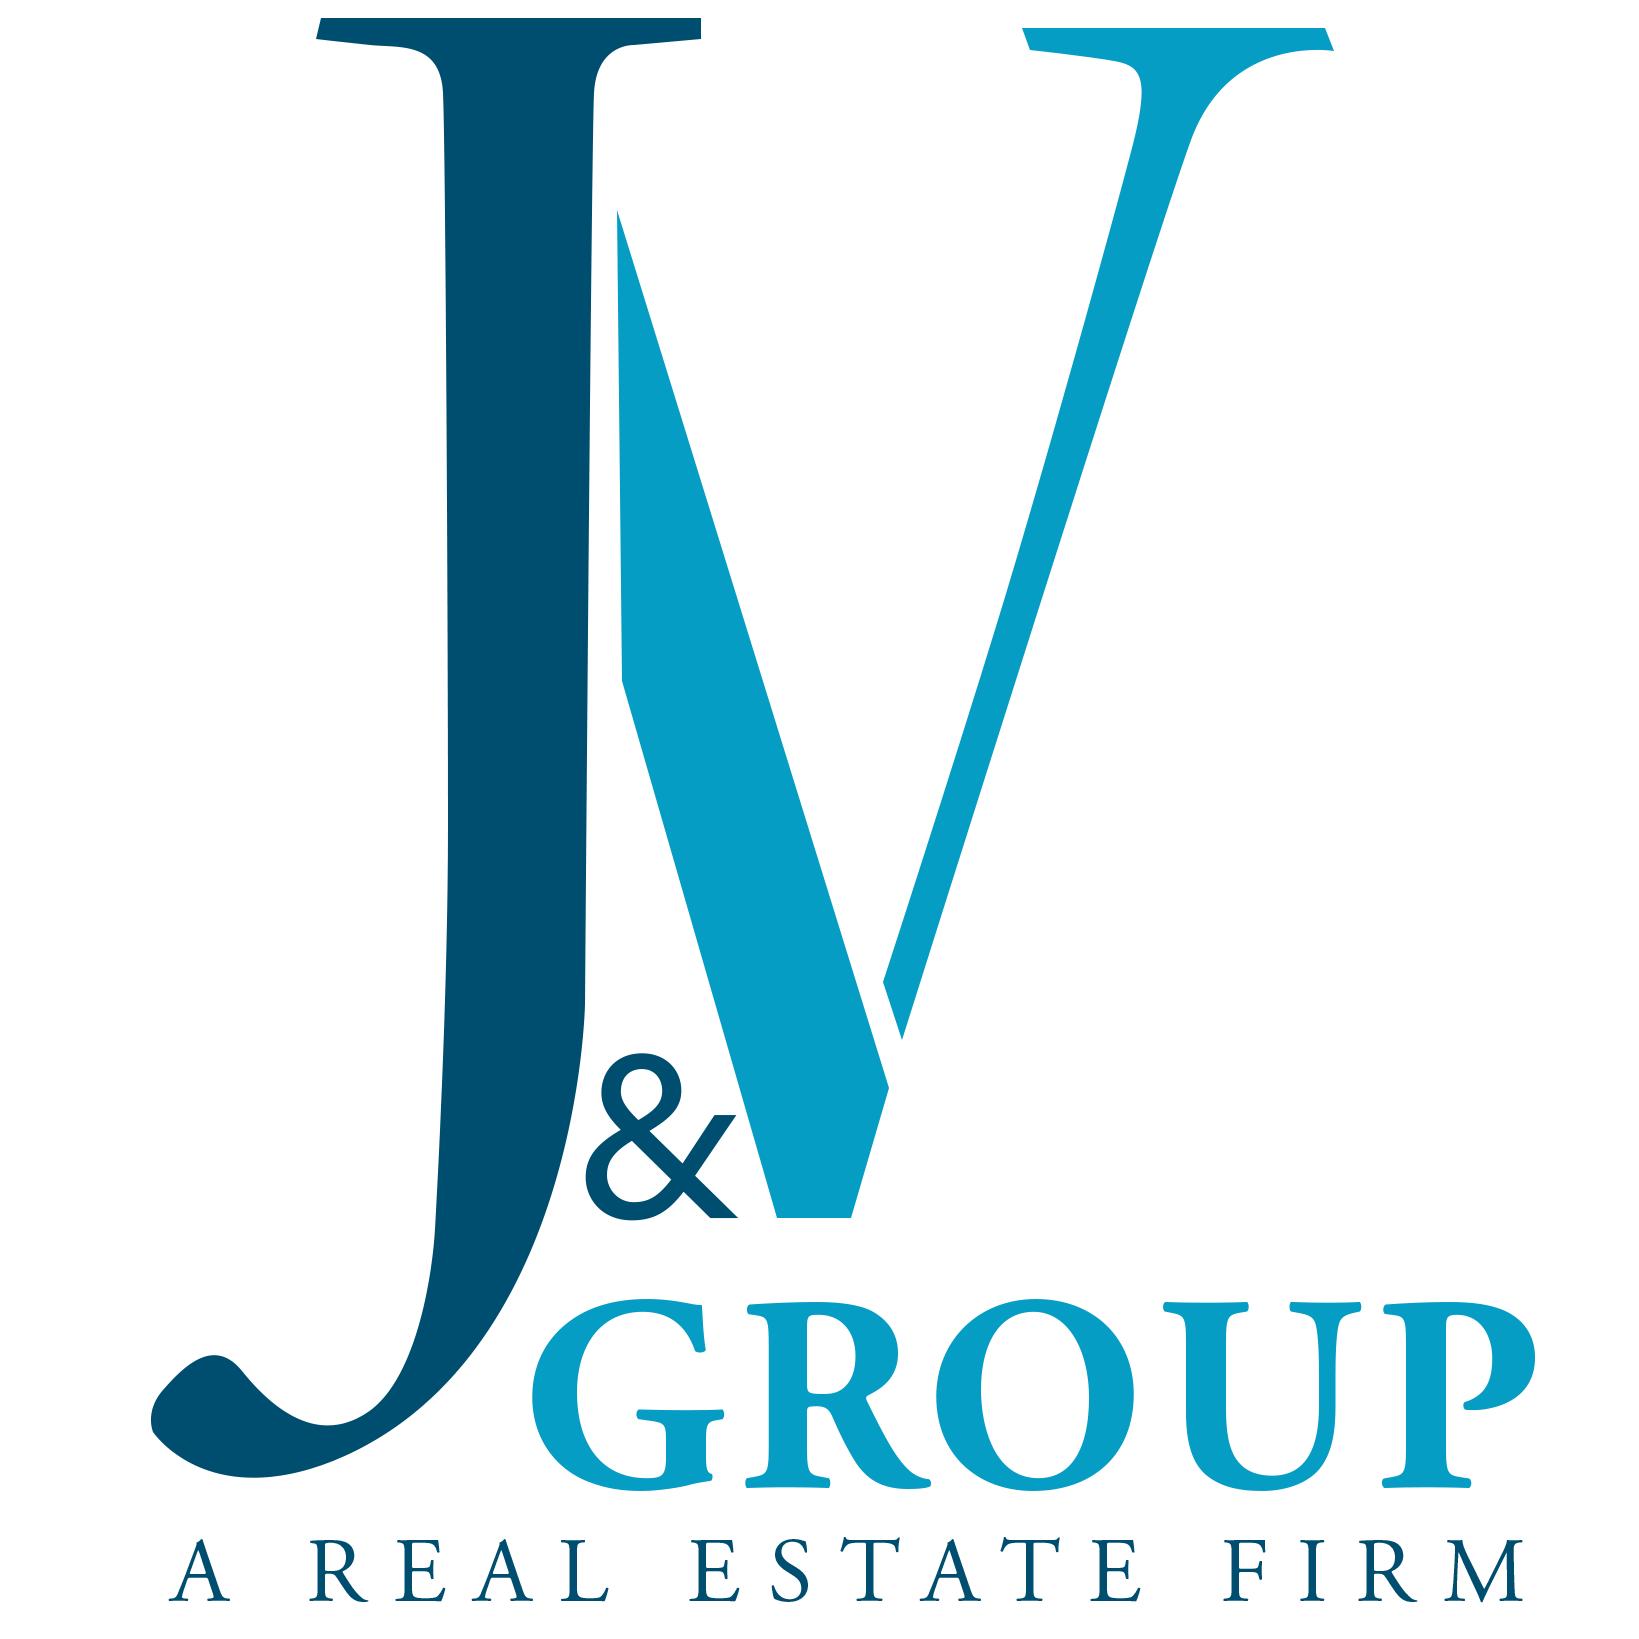 J&V Group